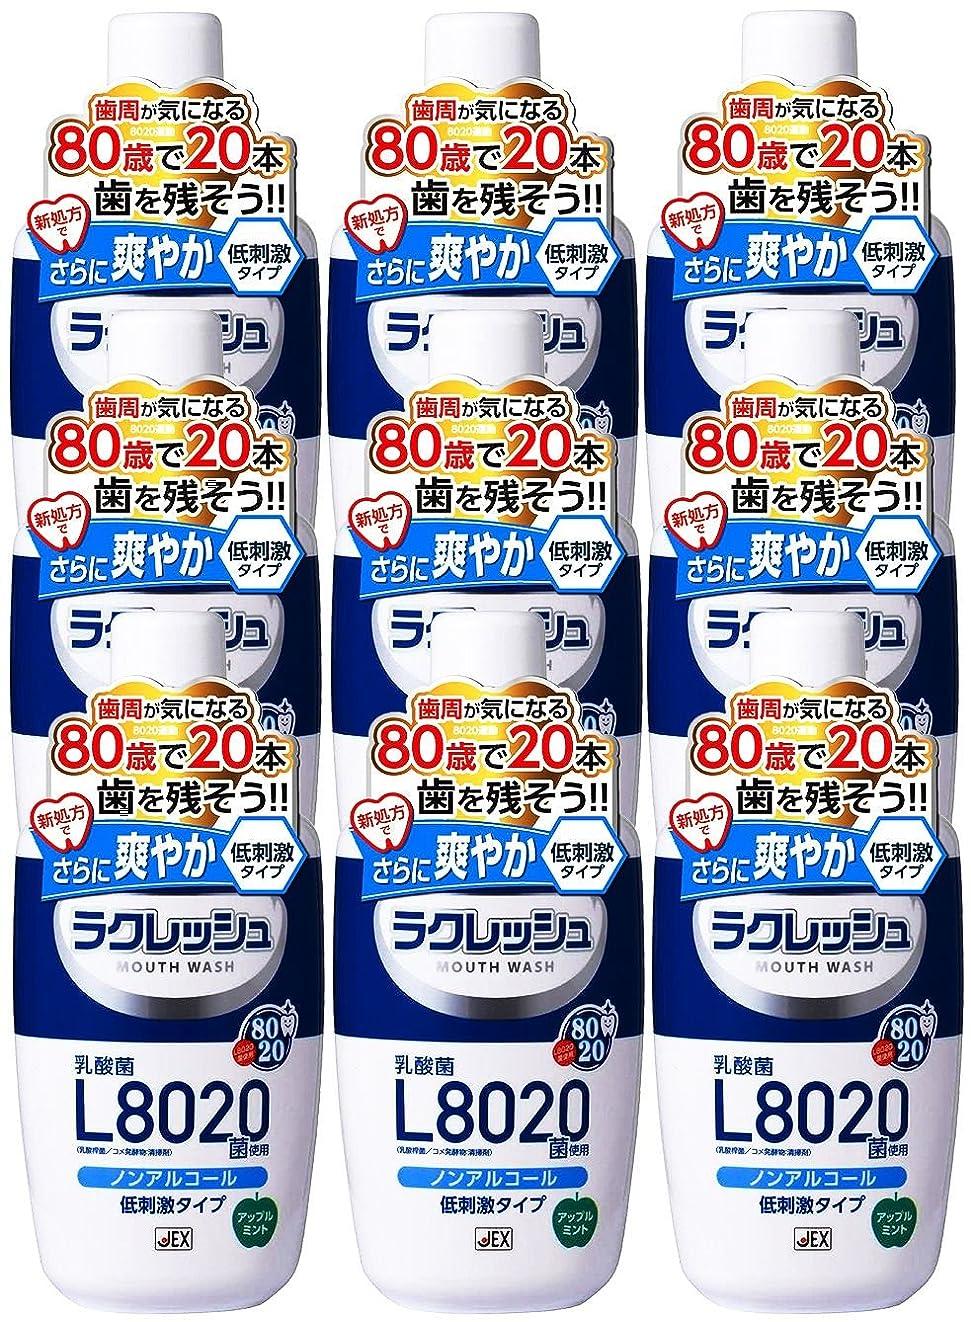 特権的晩餐バックアップ【9個セット】ラクレッシュ L8020菌 マウスウォッシュ